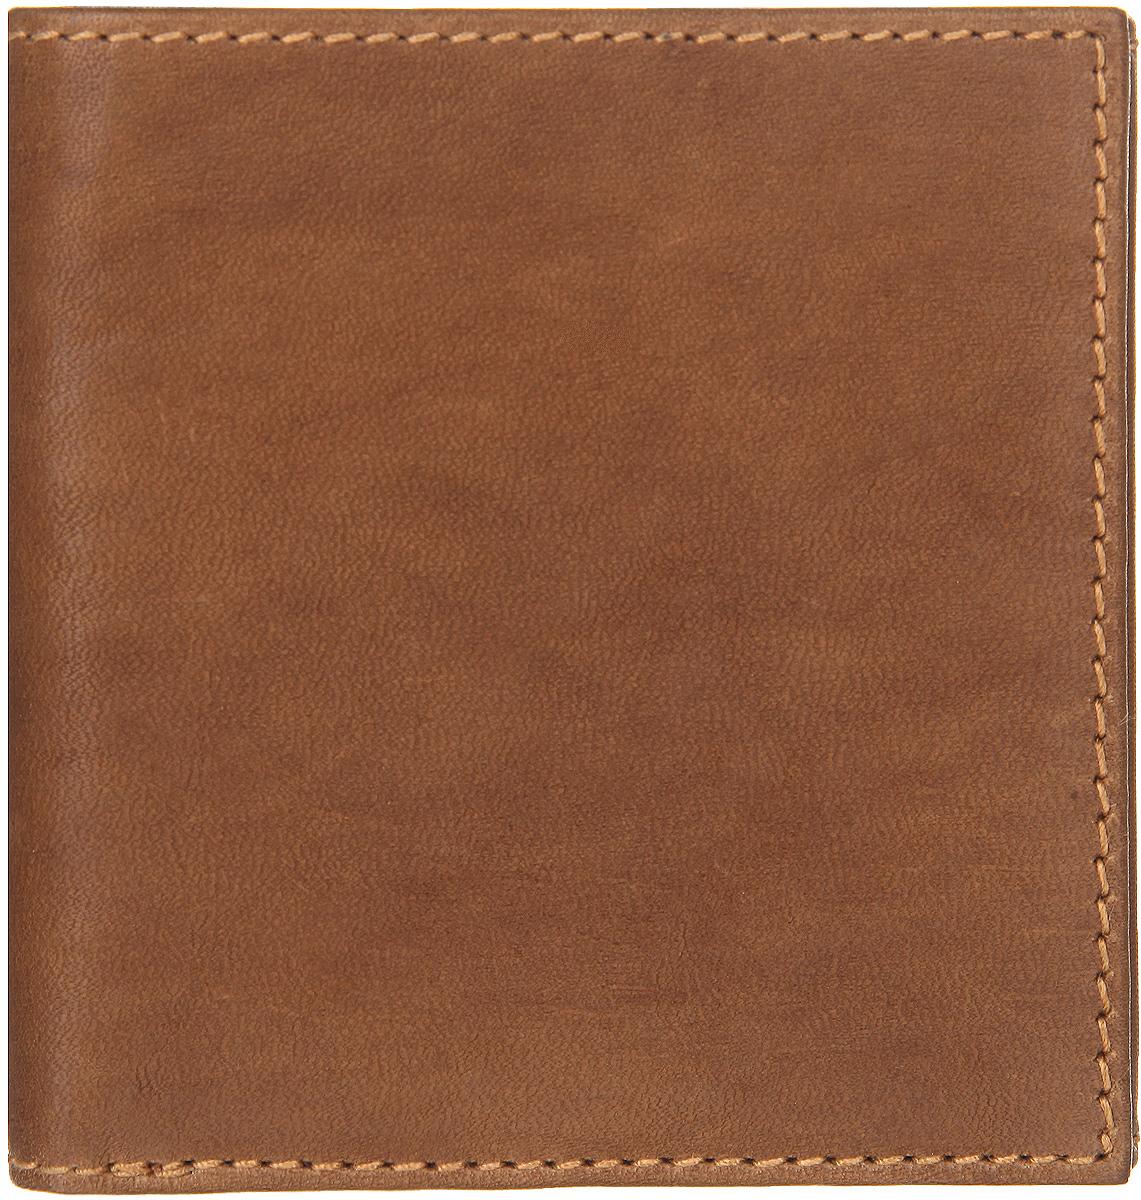 Портмоне мужское Bodenschatz, цвет: коньяк. 8-878/068-878/06Компактное мужское портмоне Bodenschatz выполнено из натуральной кожи, оформлено металлической фурнитурой с символикой бренда. Портмоне раскладывается пополам. Внутри расположены: отделение для купюр, шесть карманов для кредитных карт, два потайных кармашка. На лицевой стороне портмоне расположено отделение для монет, закрывающееся клапаном на кнопку, и потайной карман. Изделие поставляется в фирменной упаковке. Практичное портмоне непременно подойдет к вашему образу и порадует простотой, стилем и функциональностью.